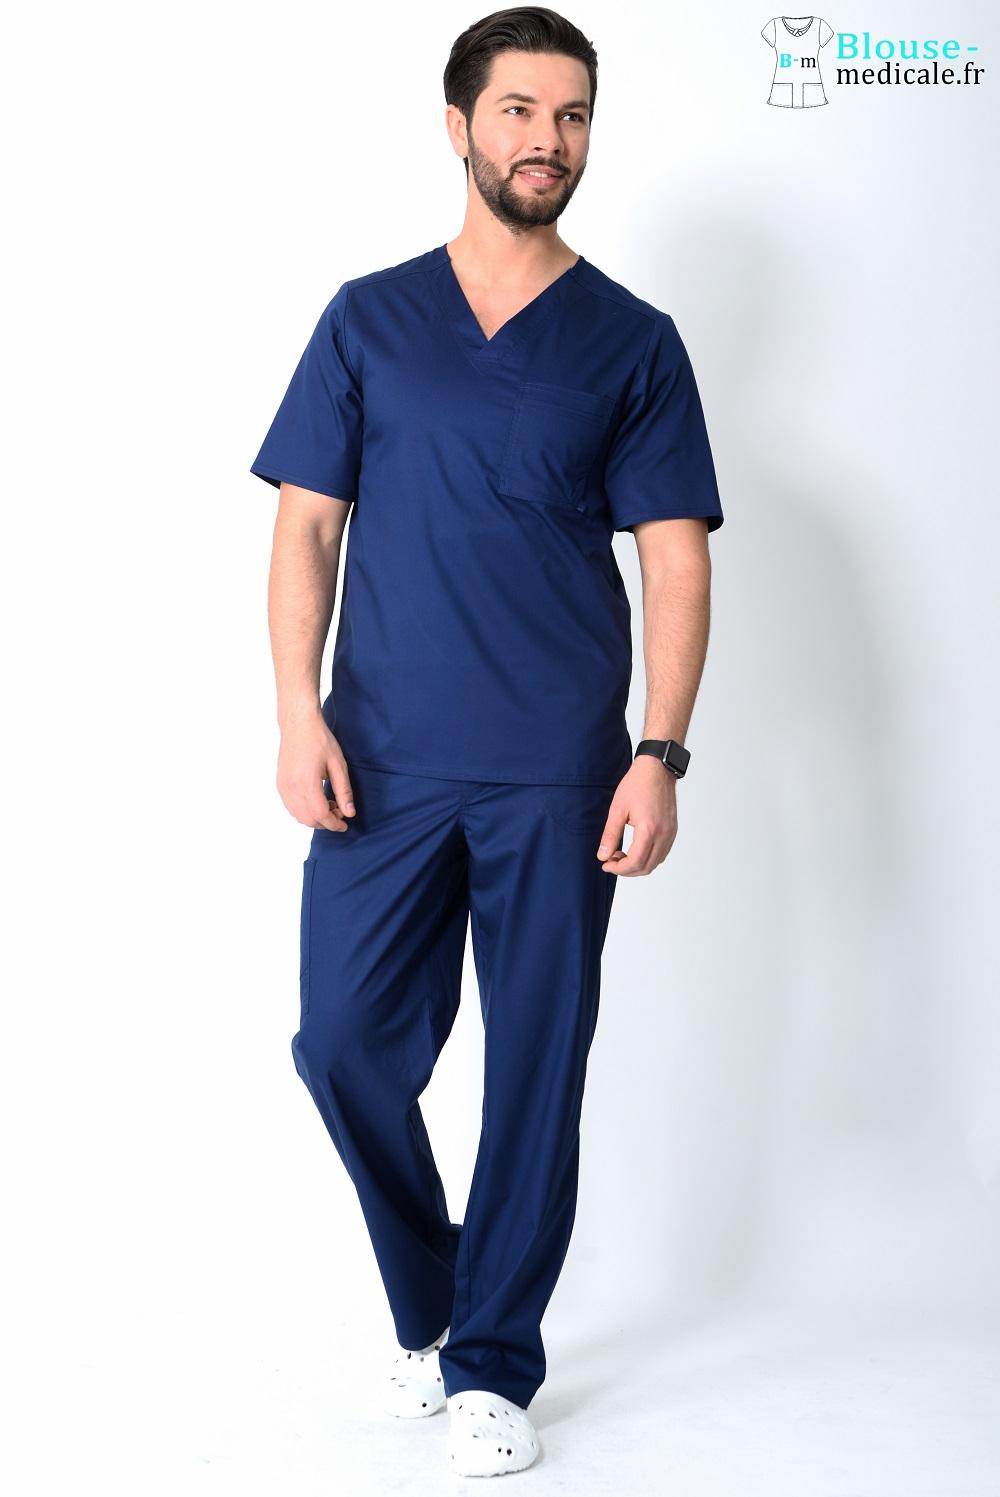 tenue médicale homme couleur cherokee tenue vétérinaire homme luxe